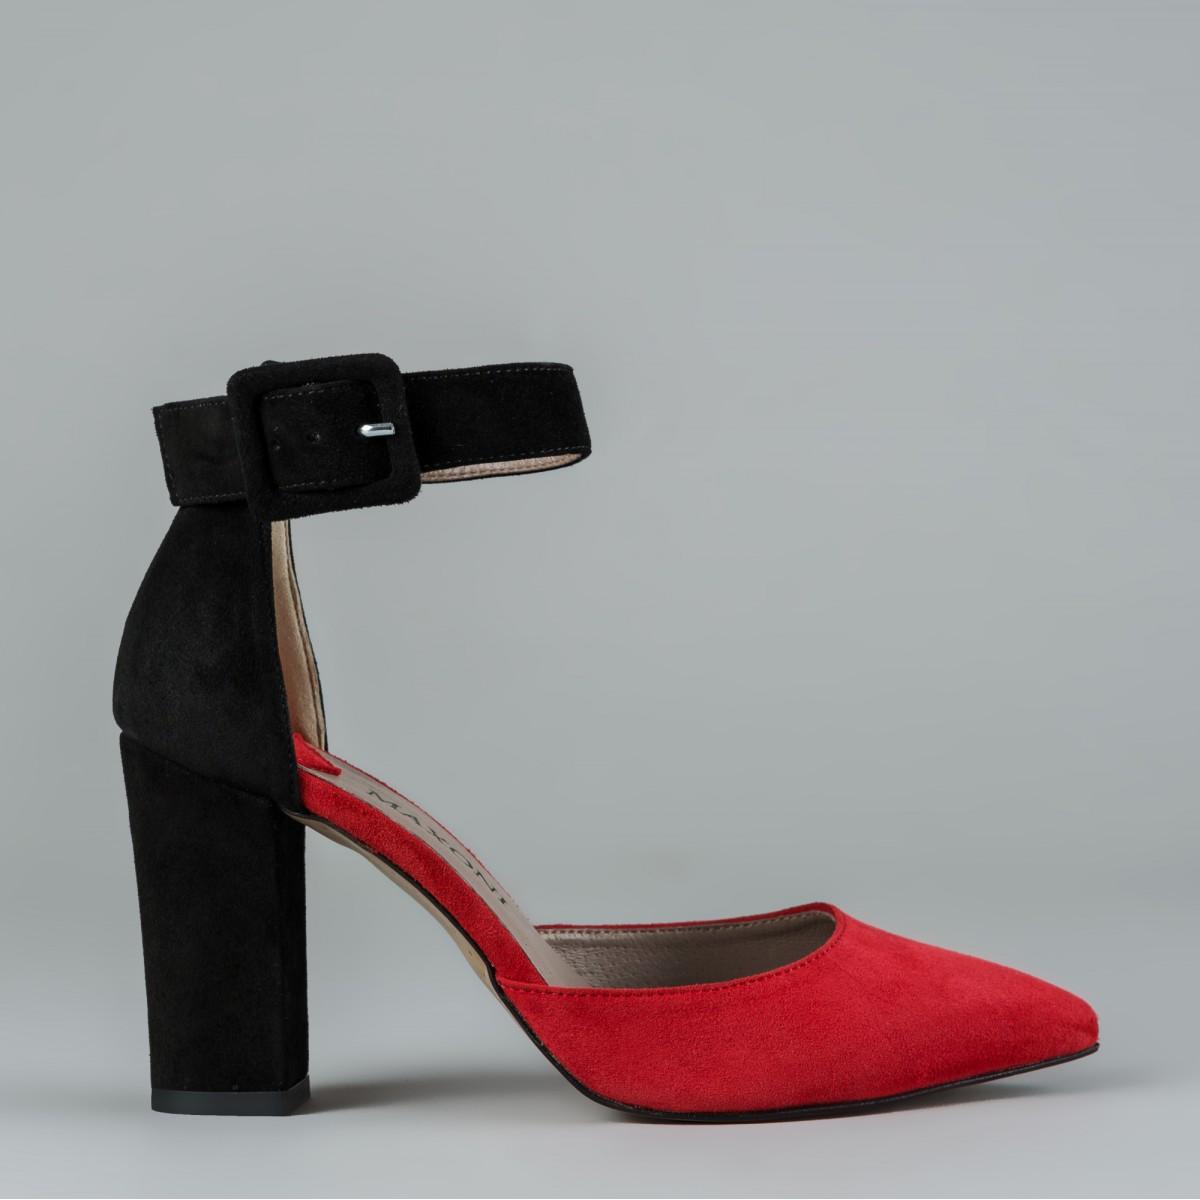 Czarno-czerwone czółenko